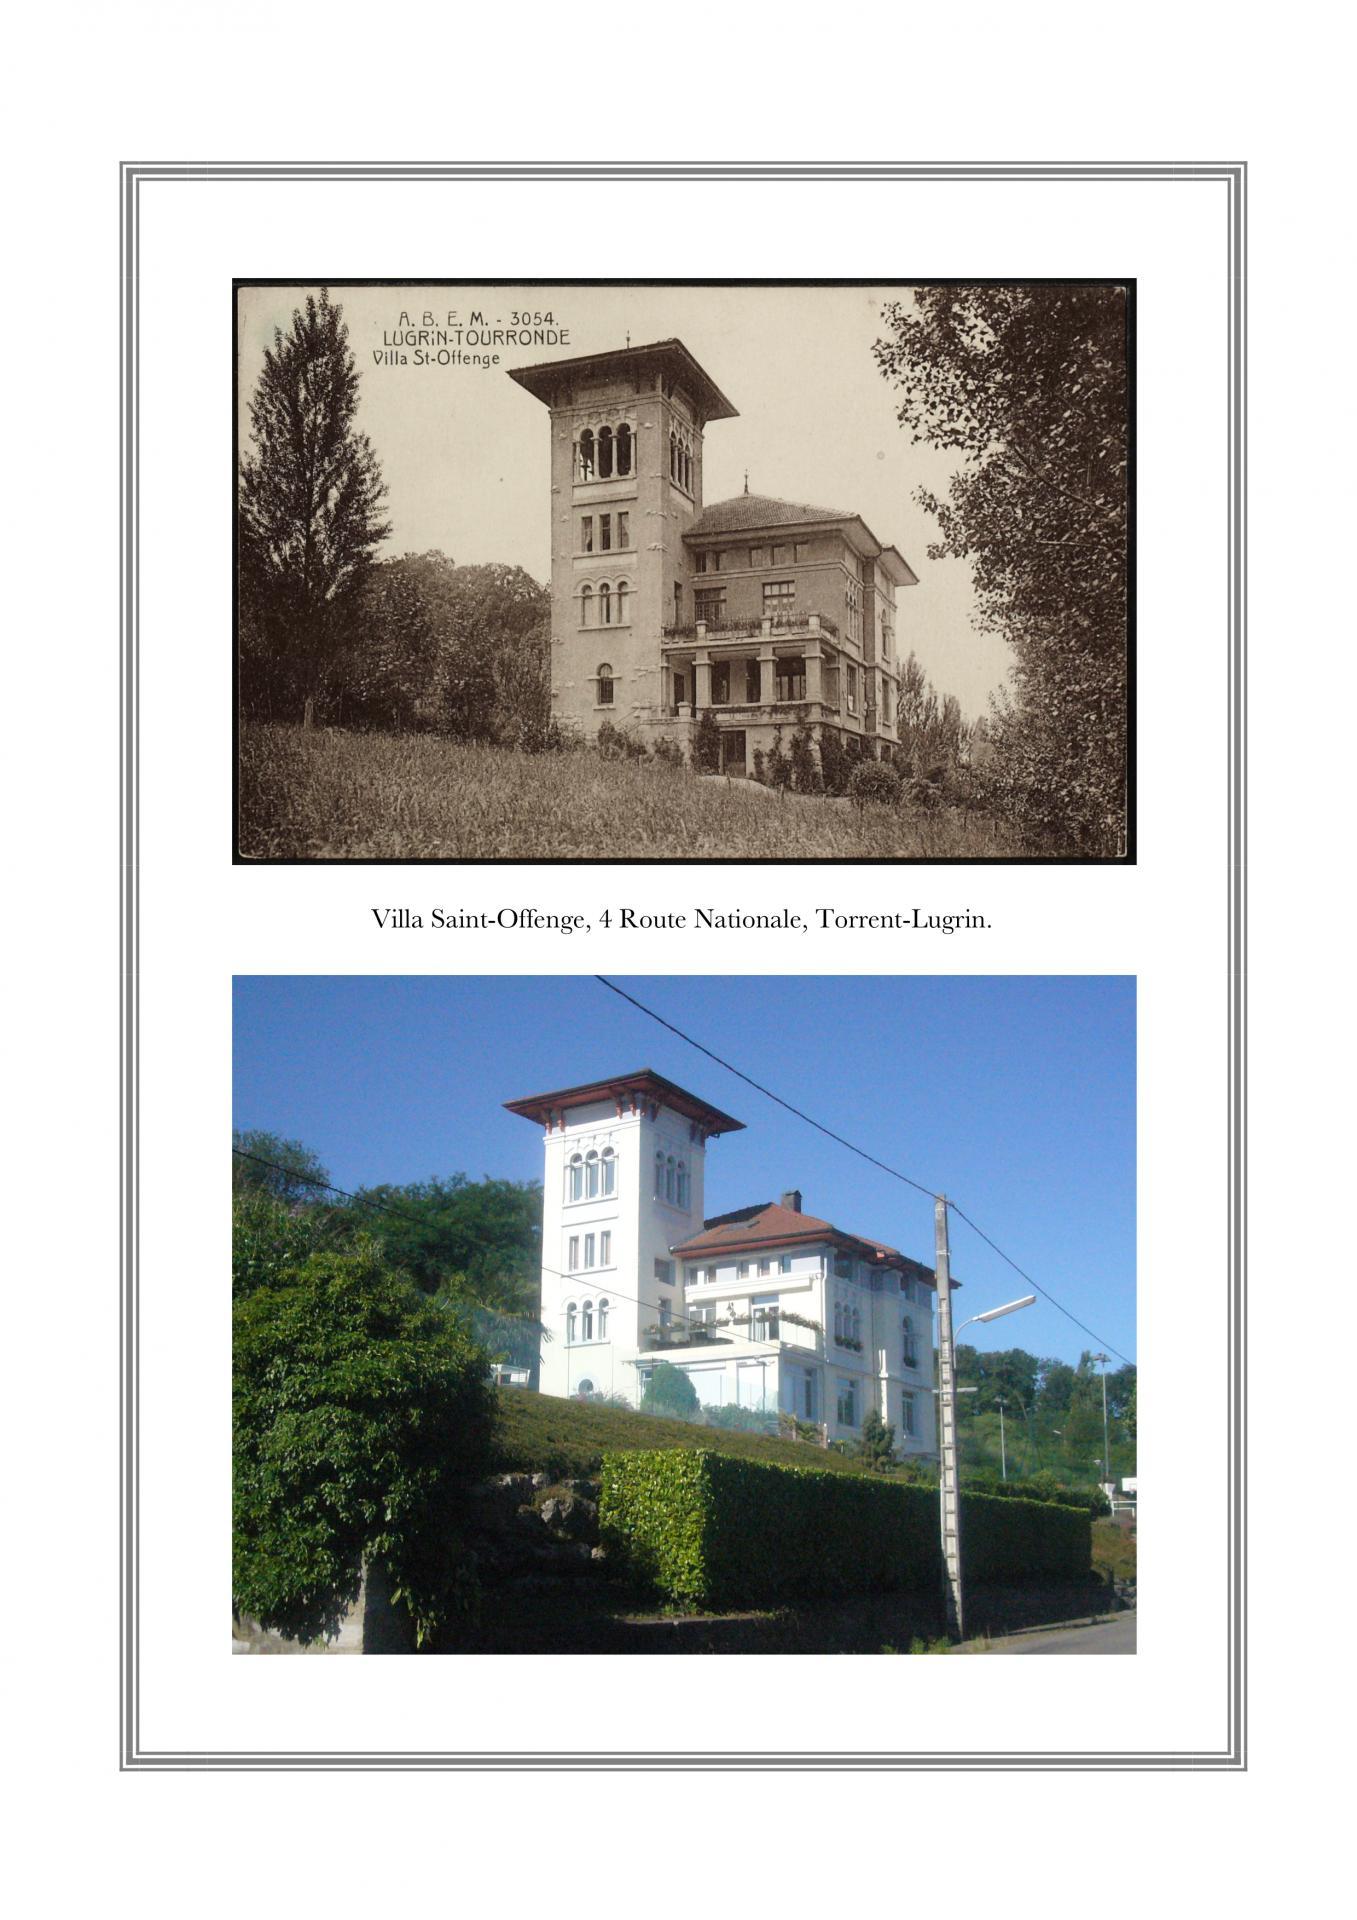 Villa Saint-Offenge, 4 Rte Nationale (Torrent, Lugrin)